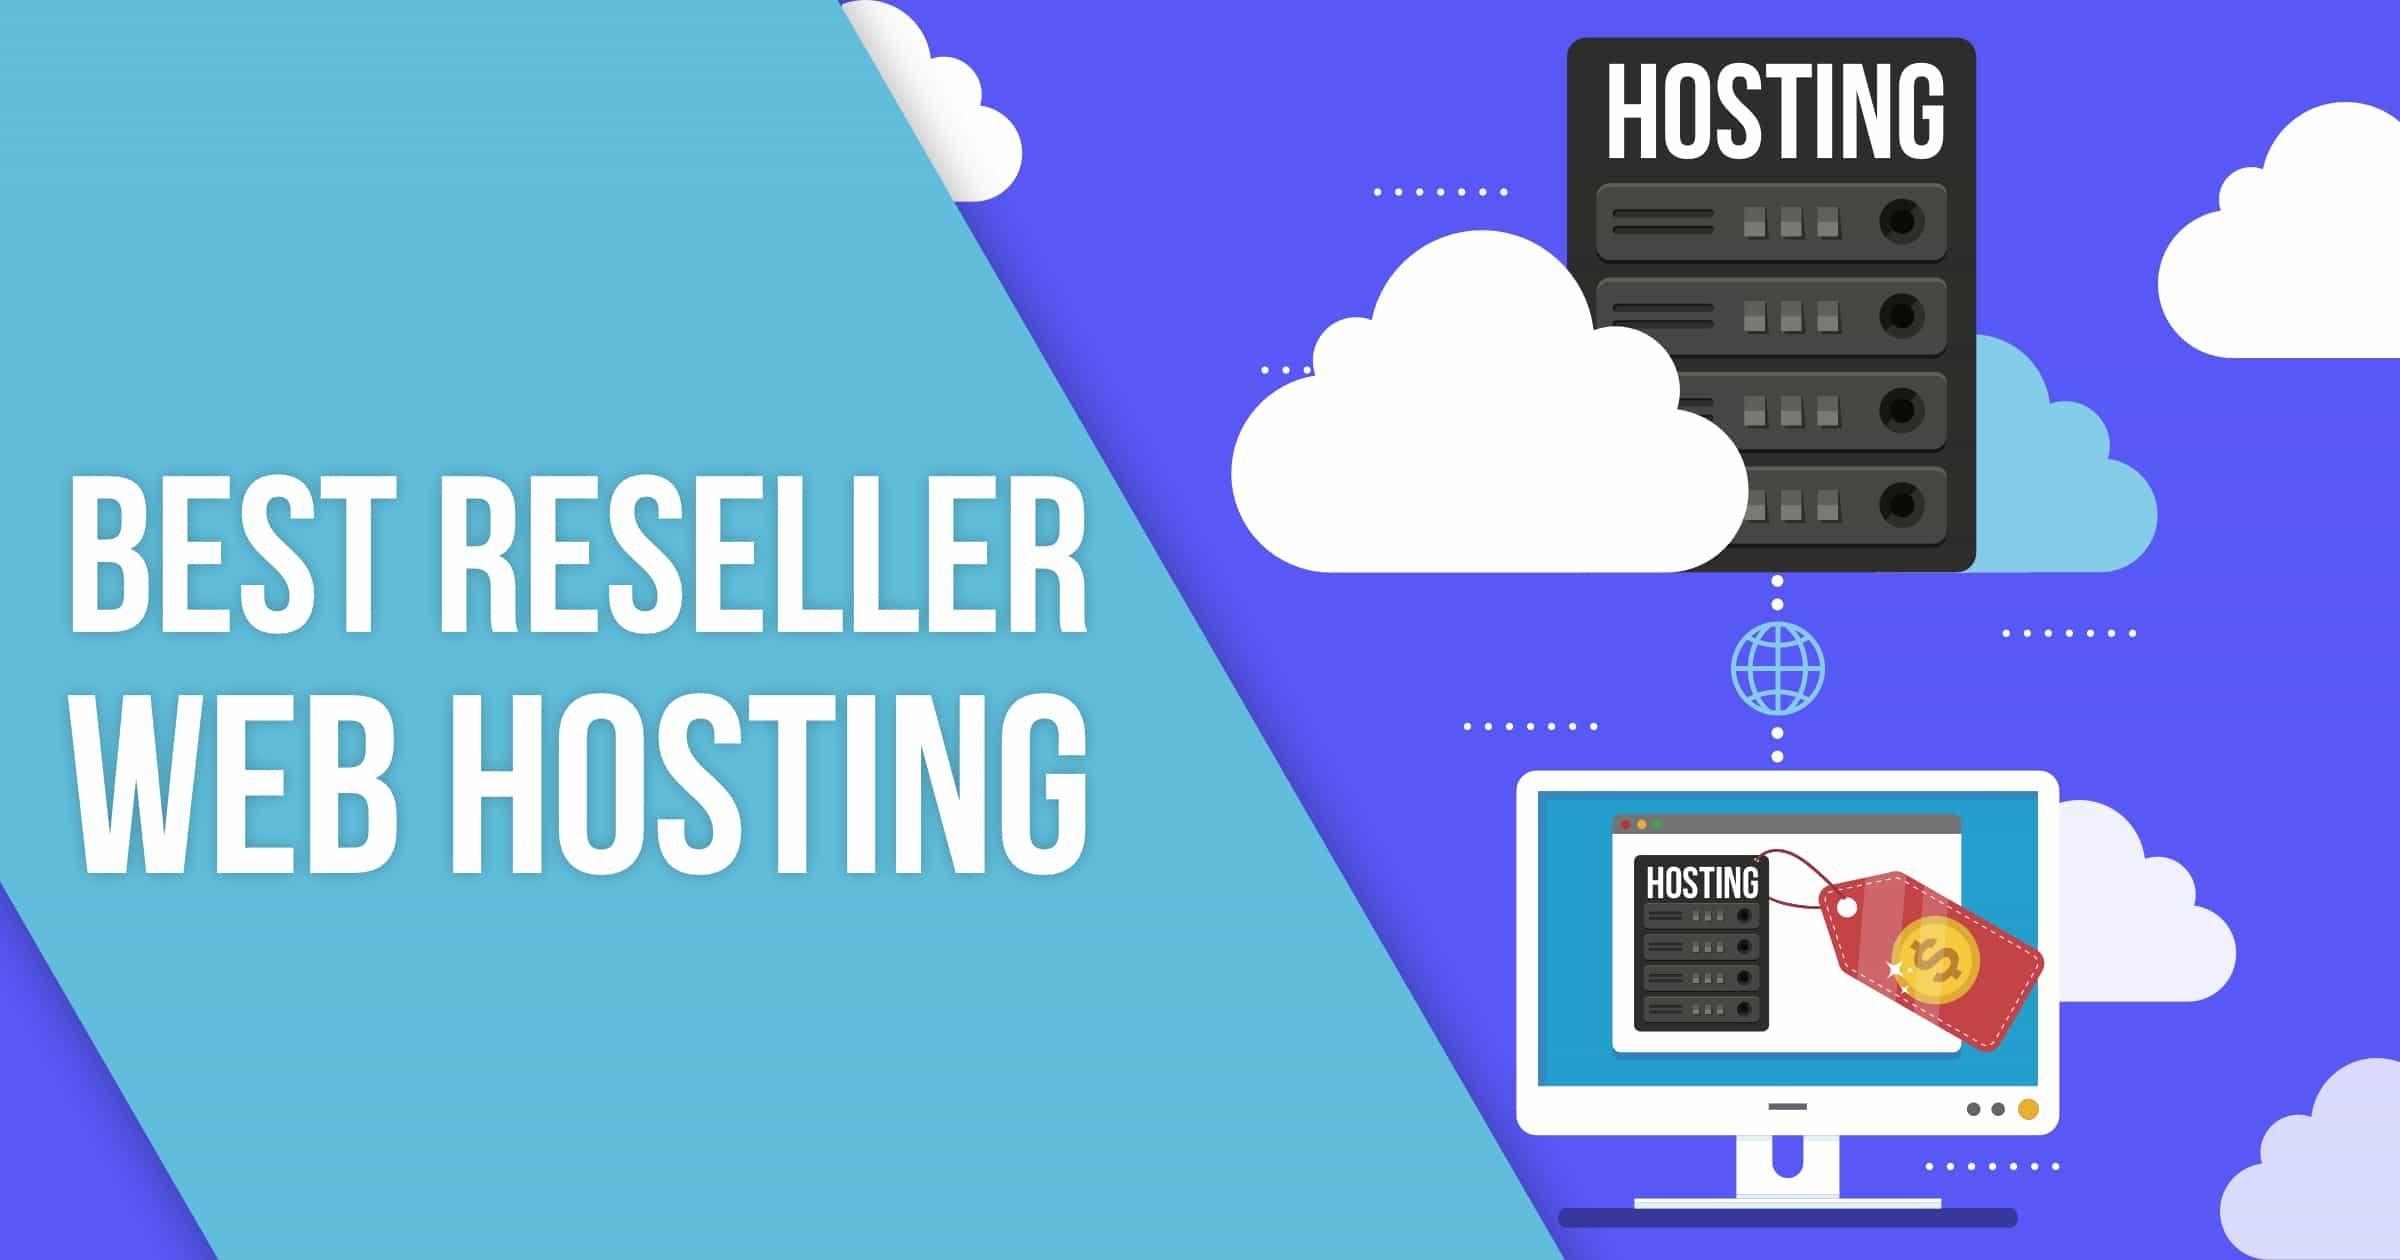 Best Reseller Web Hosting Web Hosting Hosting Hosting Company